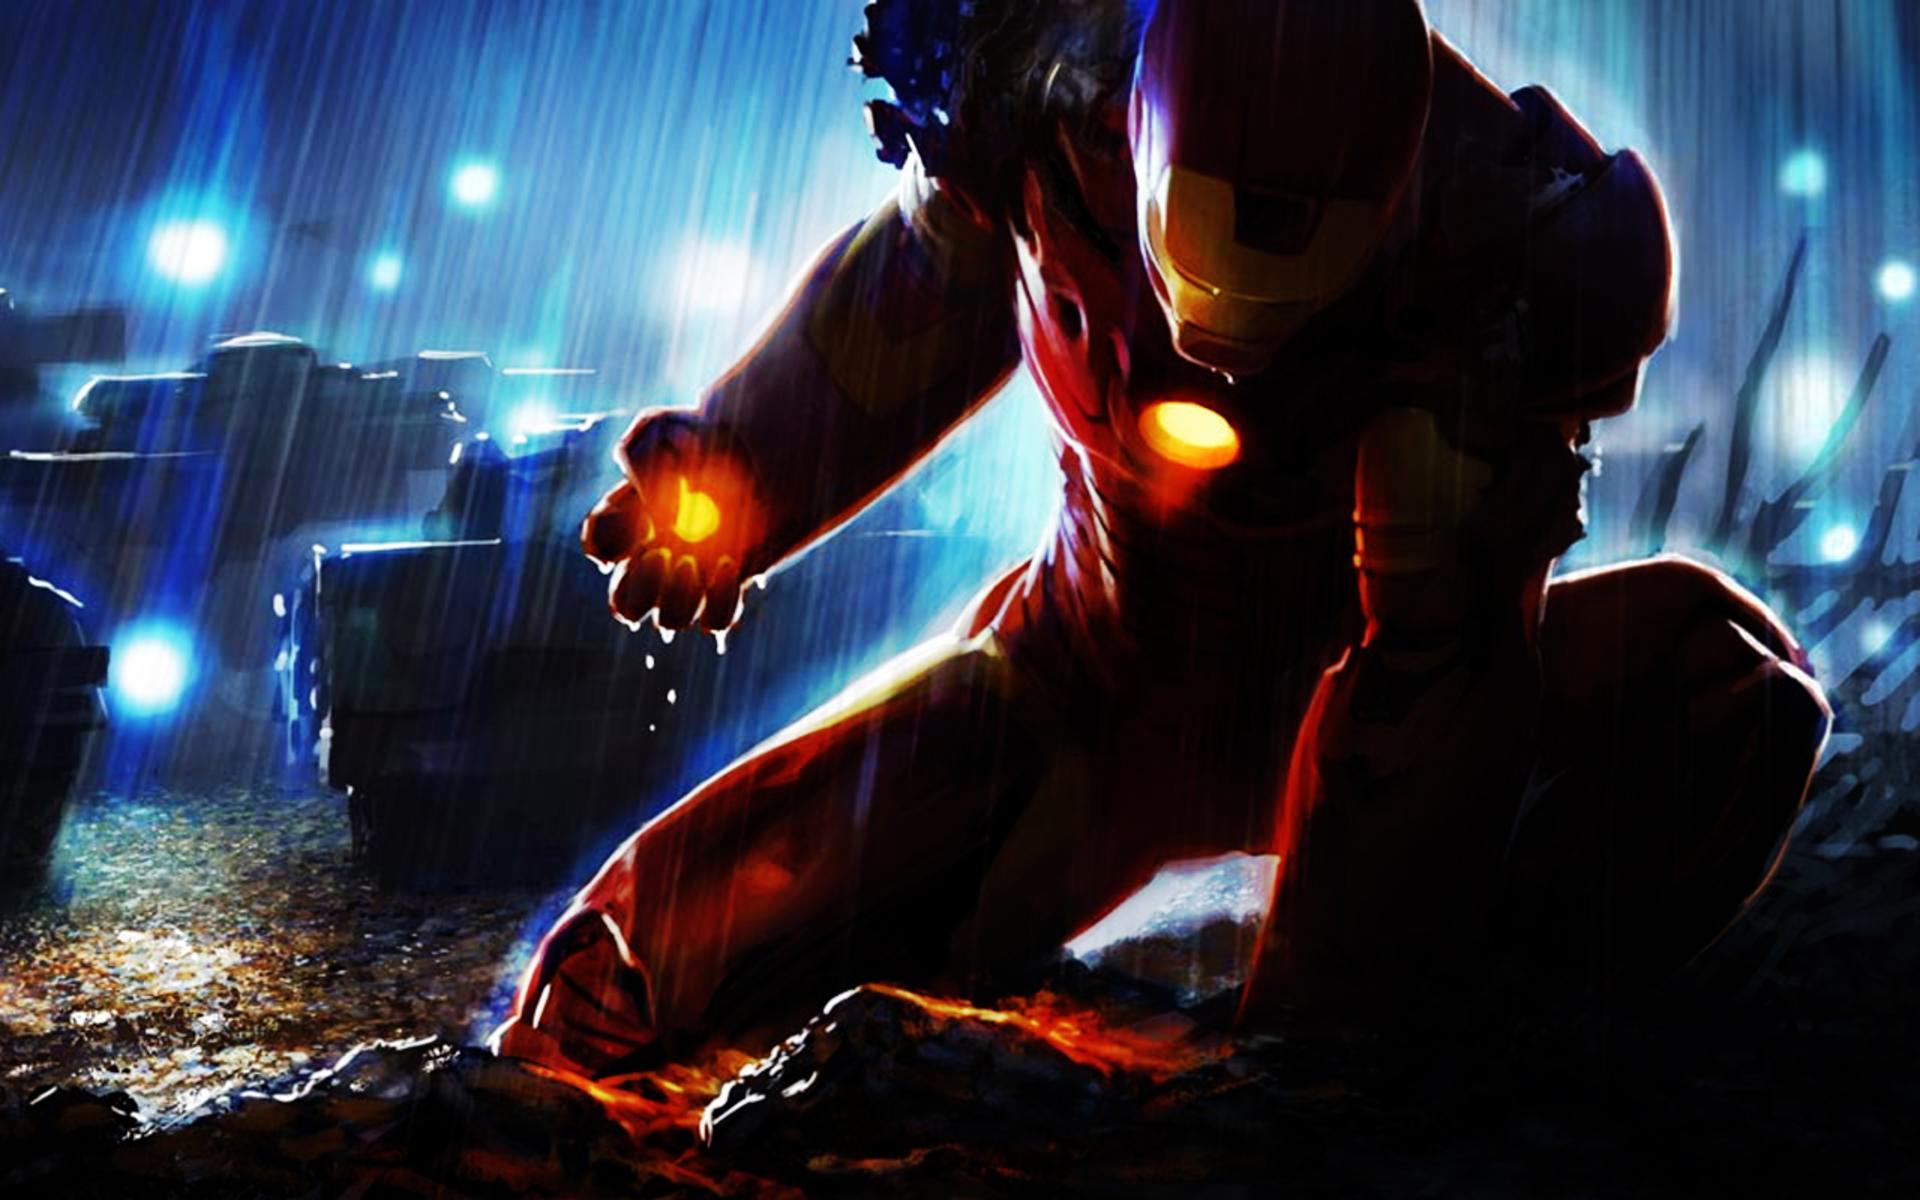 Download Iron Man 4 Desktop HD Wallpaper Search more high Definition 1920x1200